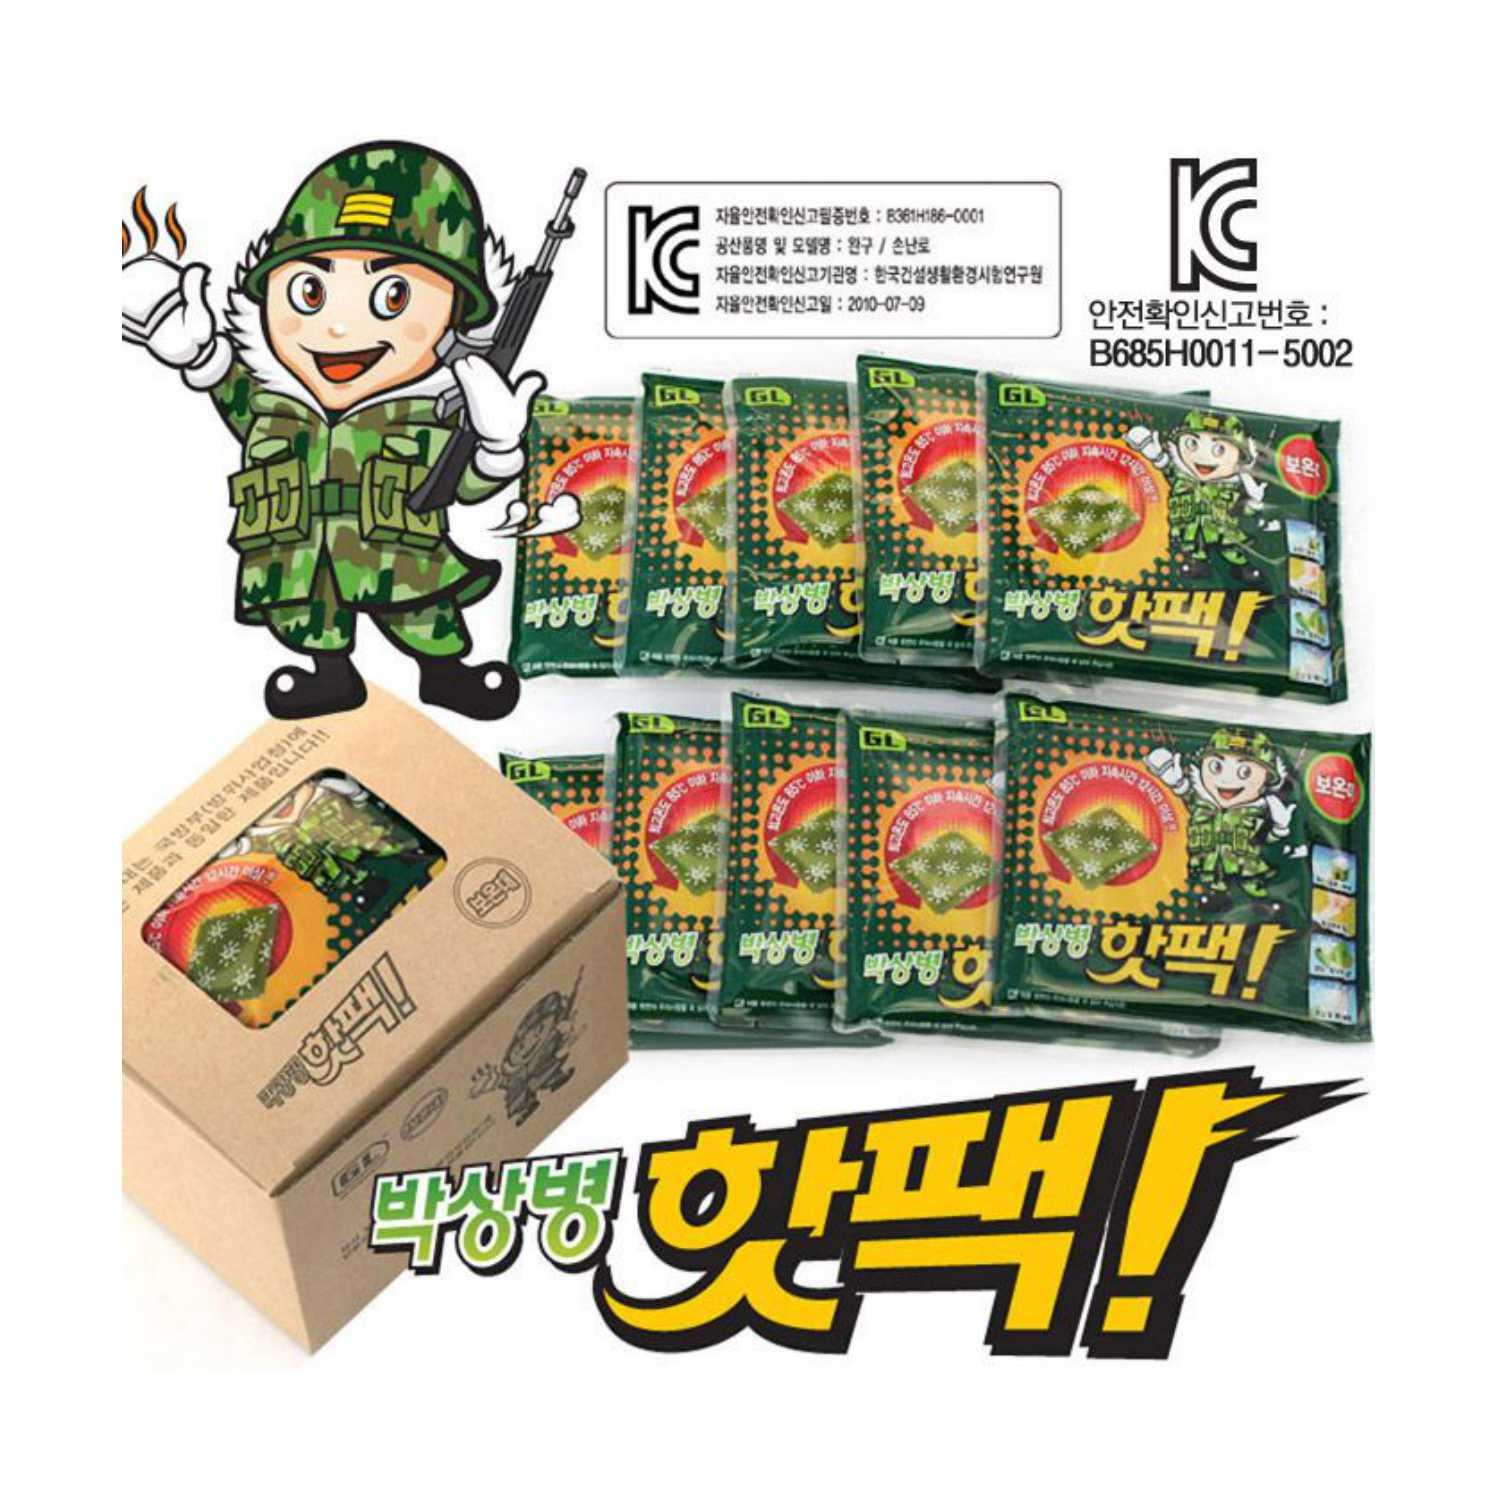 《多多家》韓國正品 韓國 GL軍人暖暖包 超強可熱兩天 暖暖包